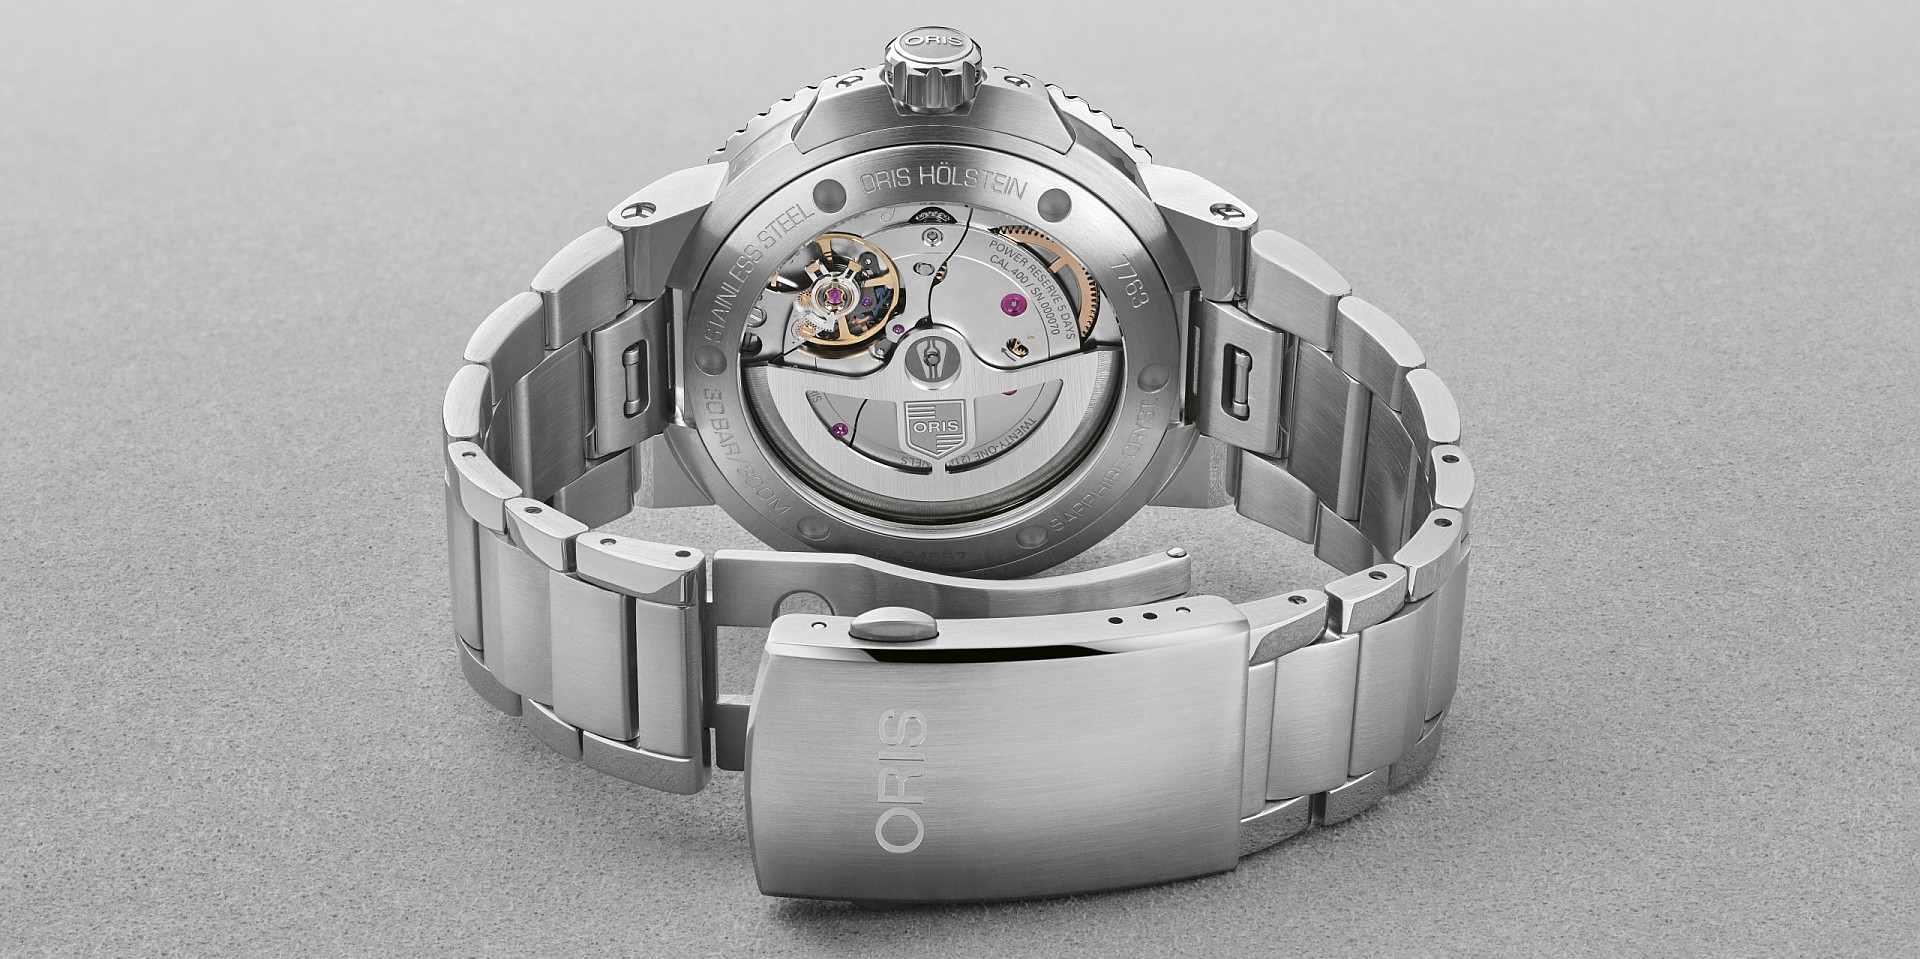 【2020線上錶展】ORIS 推出全新 Caliber 400 自製機芯,搭載於Aquis Calibre 400日期錶